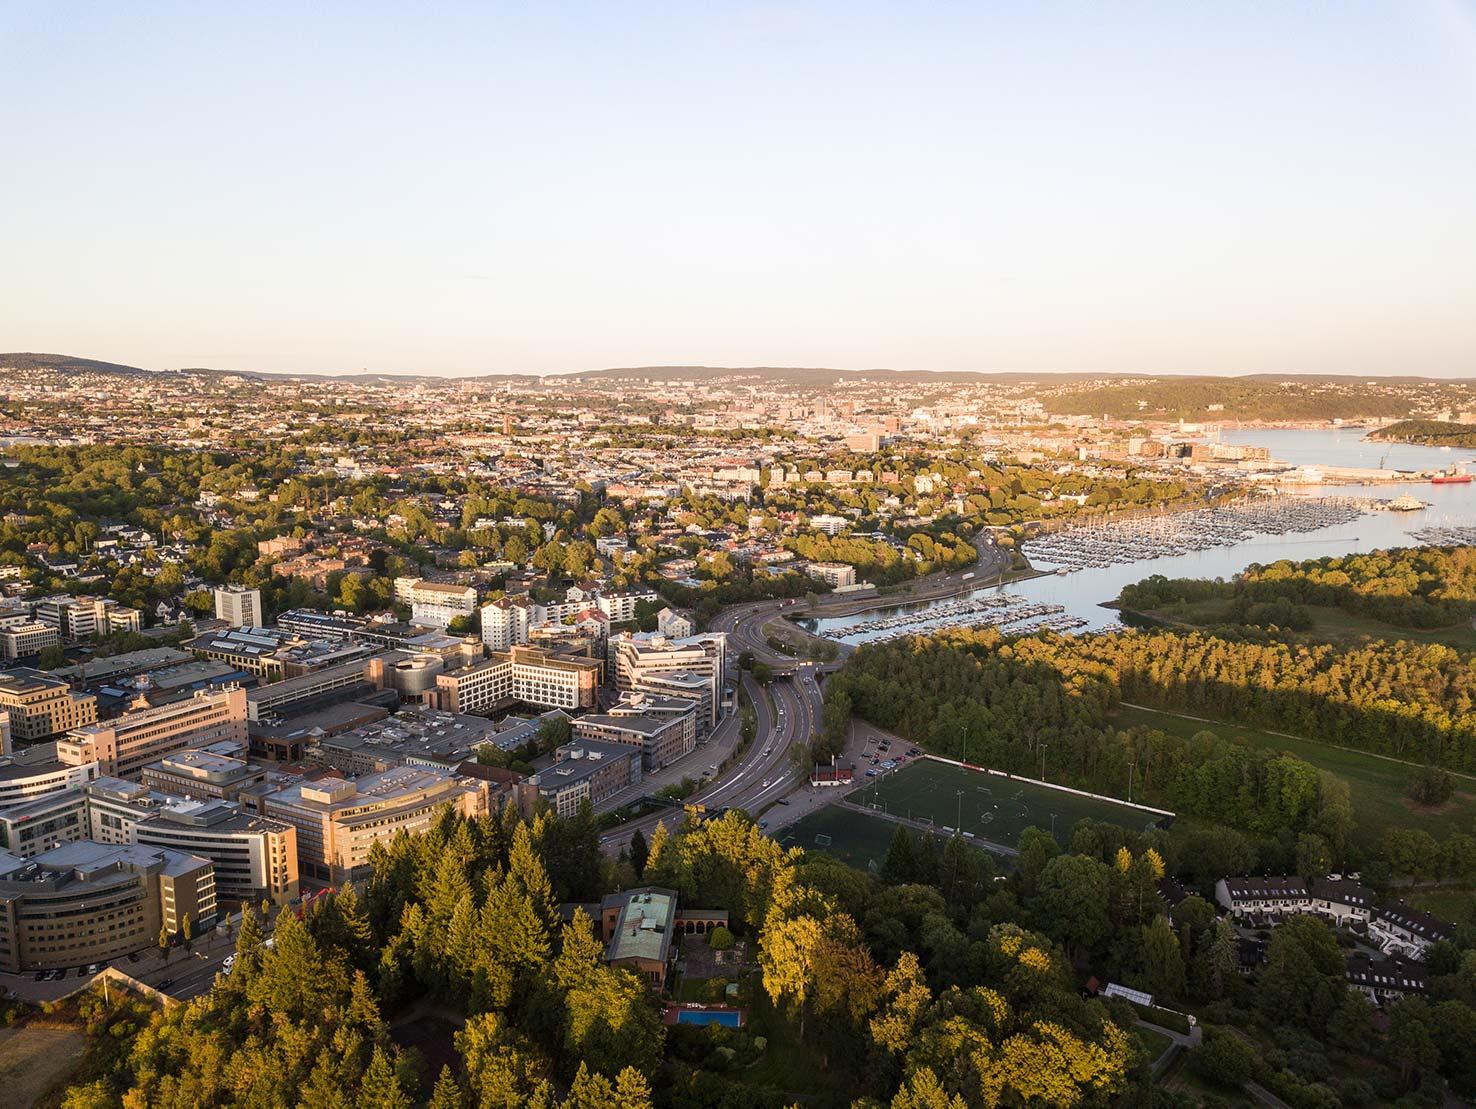 La capitale della Norvegia, Oslo vince il Green City Award 2019 per l'impegno nell'ecologia.